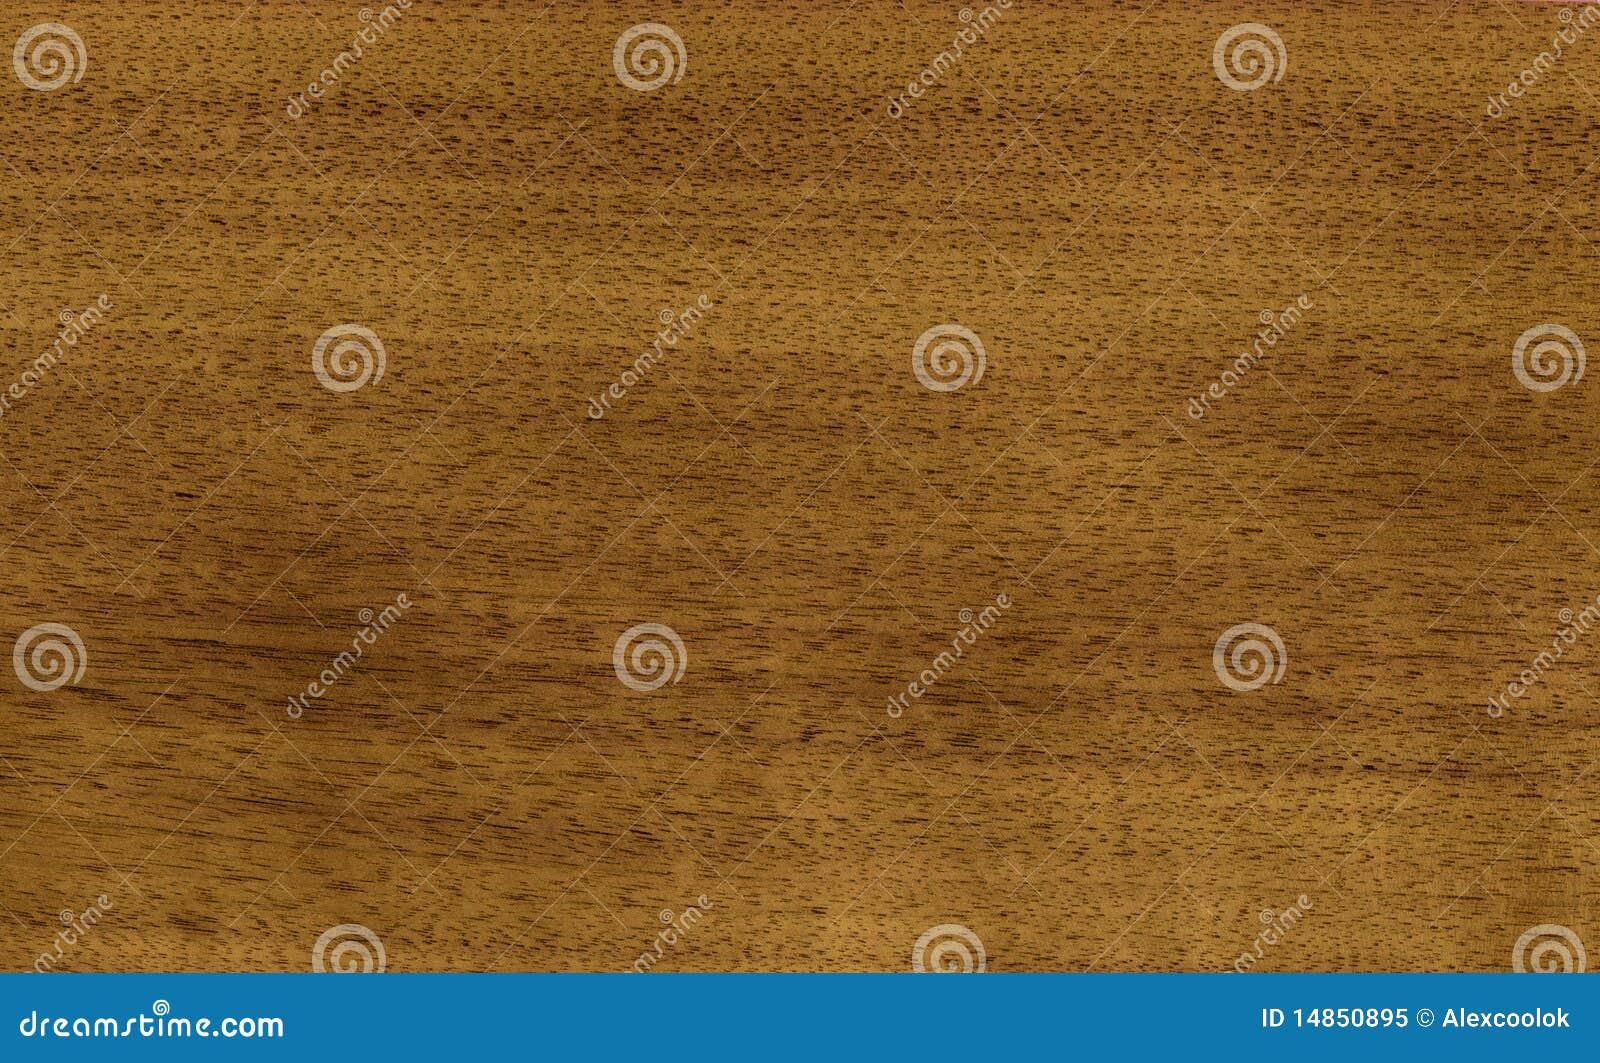 Nutwood veneer